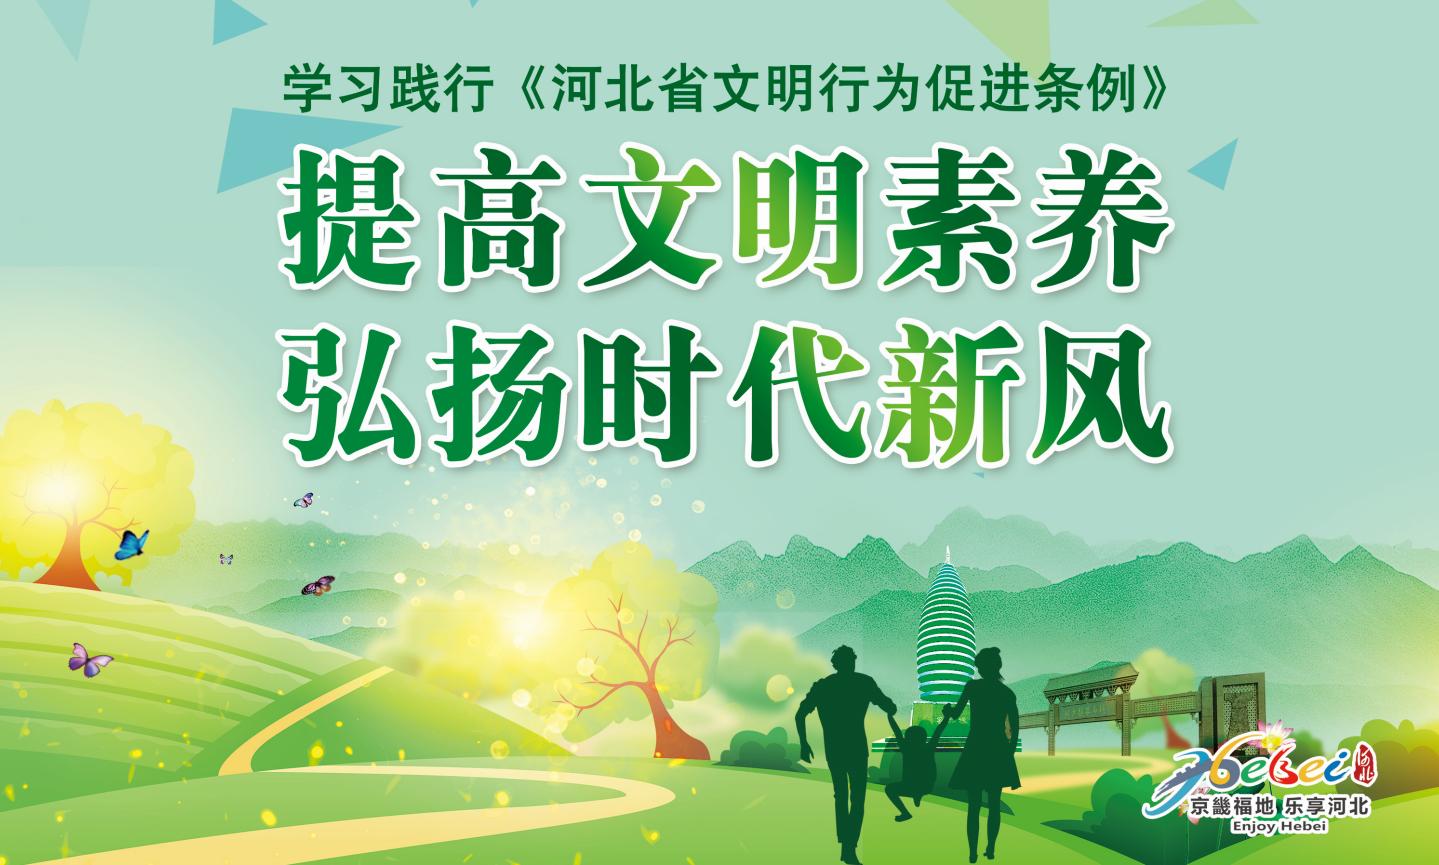 河北省文明行为促进条例